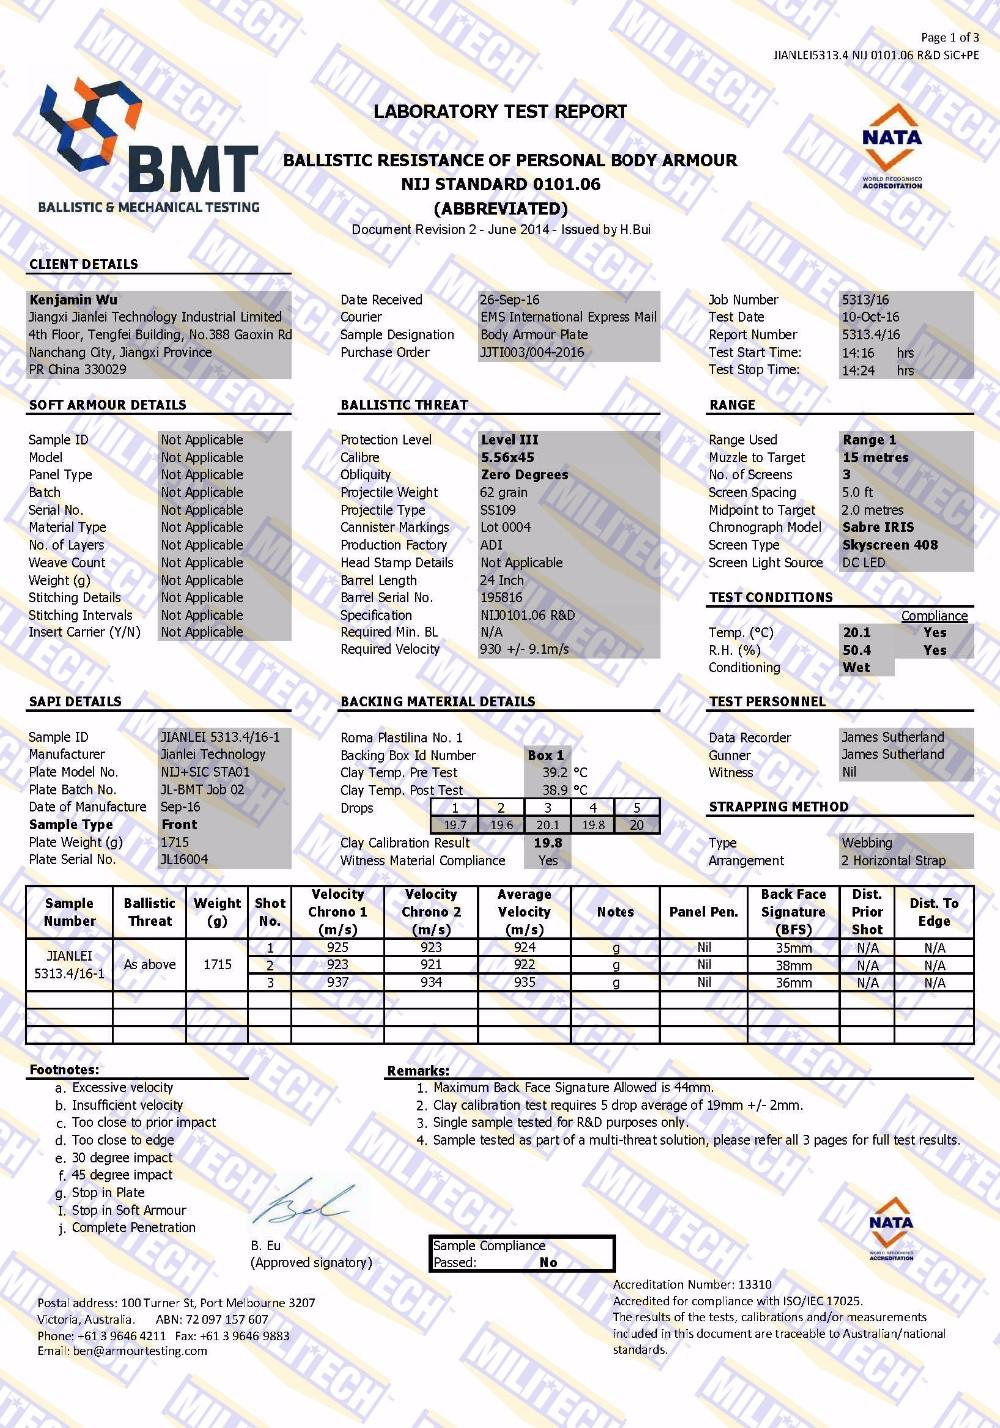 JIANLEI5313.4 NIJ 0101.06 R&D SiC+PE_Page_1